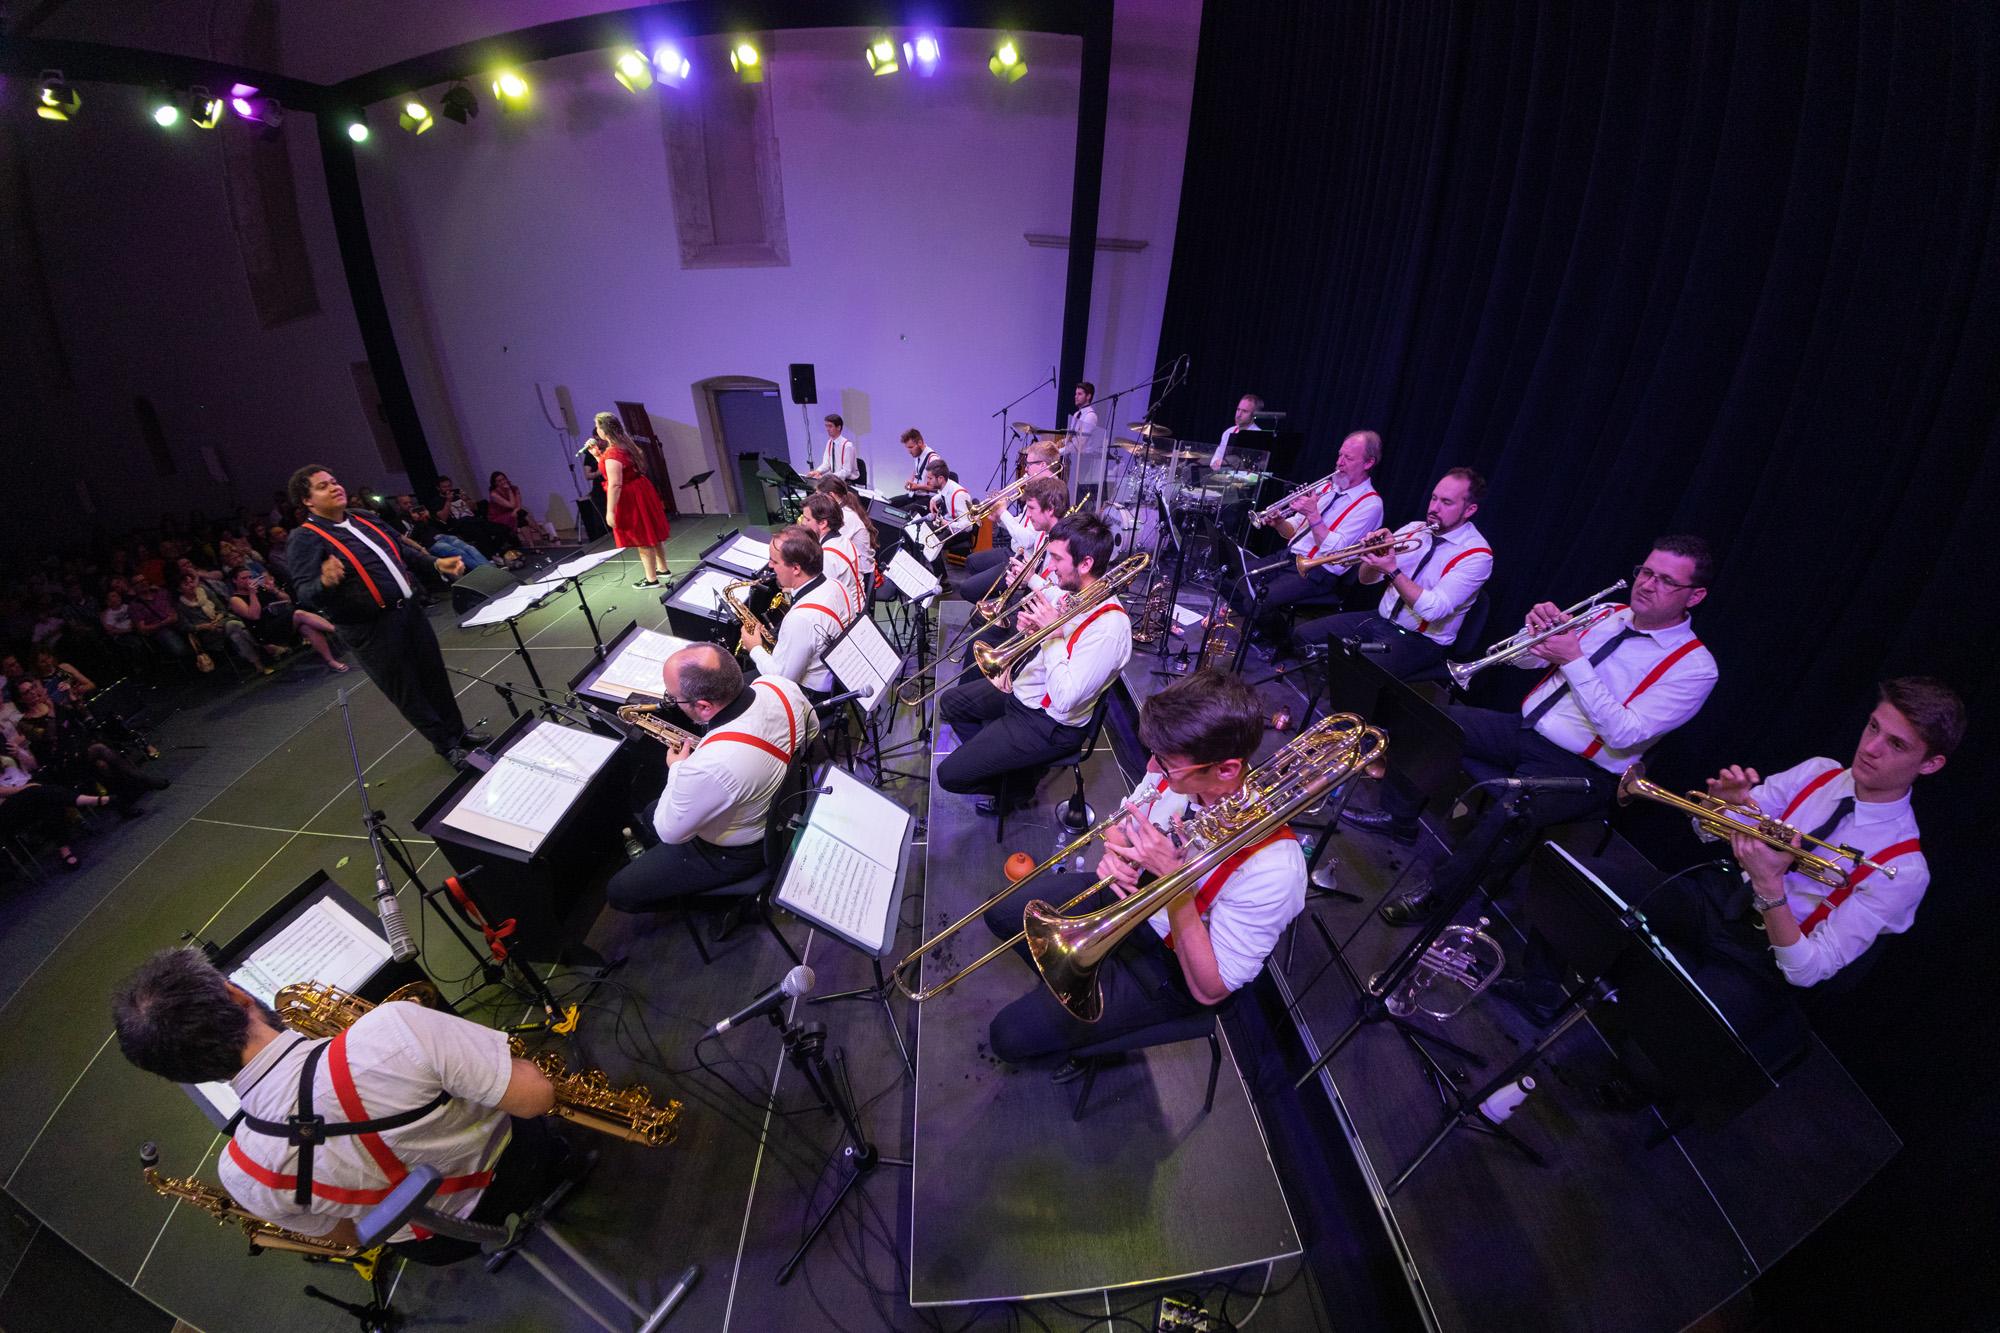 En big band - En big band, ki je bil ustanovljen spomladi leta 2014, skuša z glasbenim upodabljanjem različnih žanrov približati »živo« big bandovsko in drugo glasbo širši javnosti.Člani so tako uveljavljeni profesionalni glasbeniki, kot šolani ljubitelji glasbe, ki so svojo glasbeno izobraževanje pričeli v Kopru oziroma v eni od podružnic.Skupina v polni zasedbi šteje 24 izvajalcev, vsak posameznik pa predstavlja nepogrešljiv člen v celotni zvočni sliki predstave.od 20.30 do 22.15